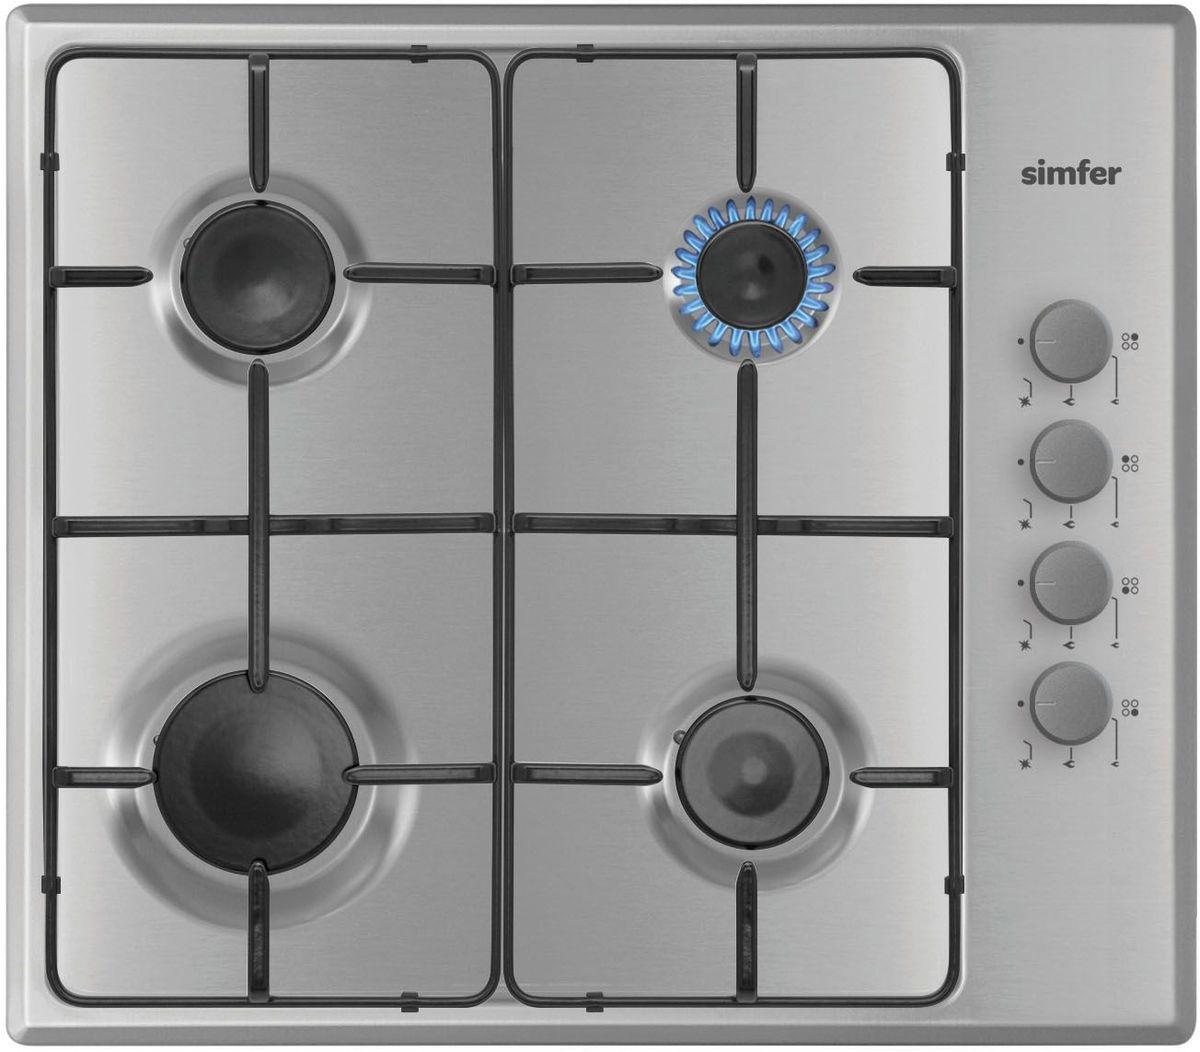 Simfer H60Q40M411 панель варочная газоваяH60Q40M411Газовая варочная панель Simfer H60Q40M411 с чистым пламенем доведет вашу сковороду до нужной температуры без всяких задержек. Включите её и всё днище сковороды будет моментально нагрето.Simfer H60Q40M411 упрощает приготовление и делает его безопаснее благодаря особой форме подставок, обеспечивающих абсолютную устойчивость посуды.Нет способа быстрее и удобнее для того, чтобы разжечь конфорку, чем автоподжиг варочной панели. Просто поверните ручку, чтобы открыть и зажечь газ одним плавным движением.